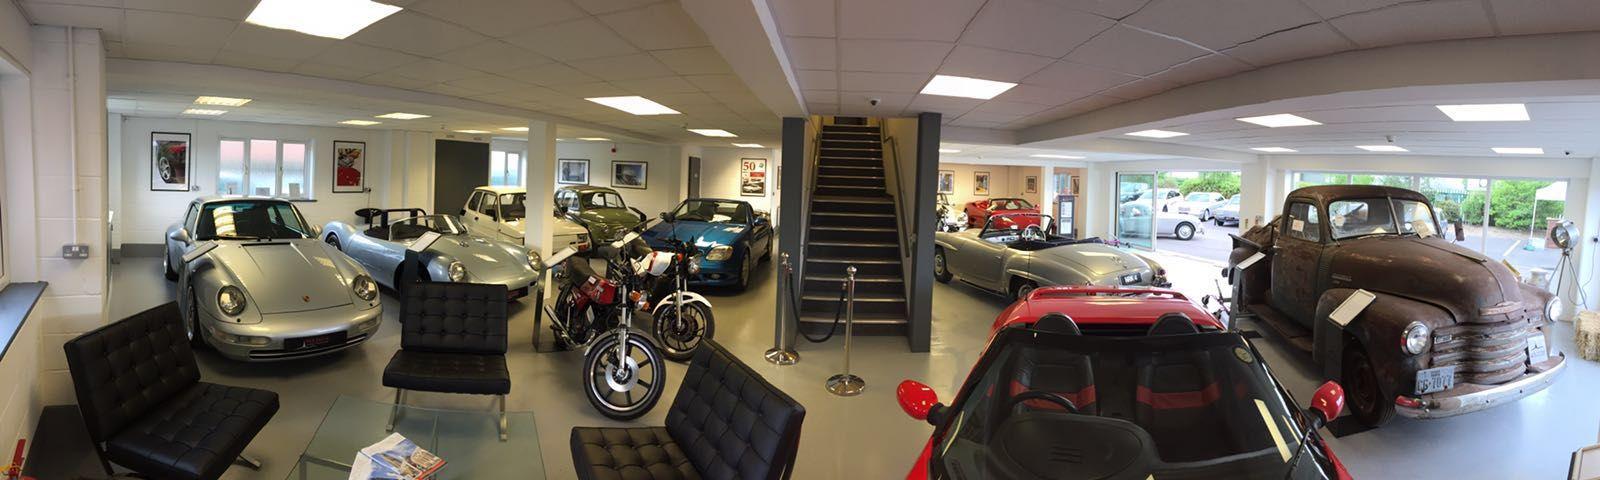 www.woldsideclassics.co.uk Woldside Classic and Sports Car